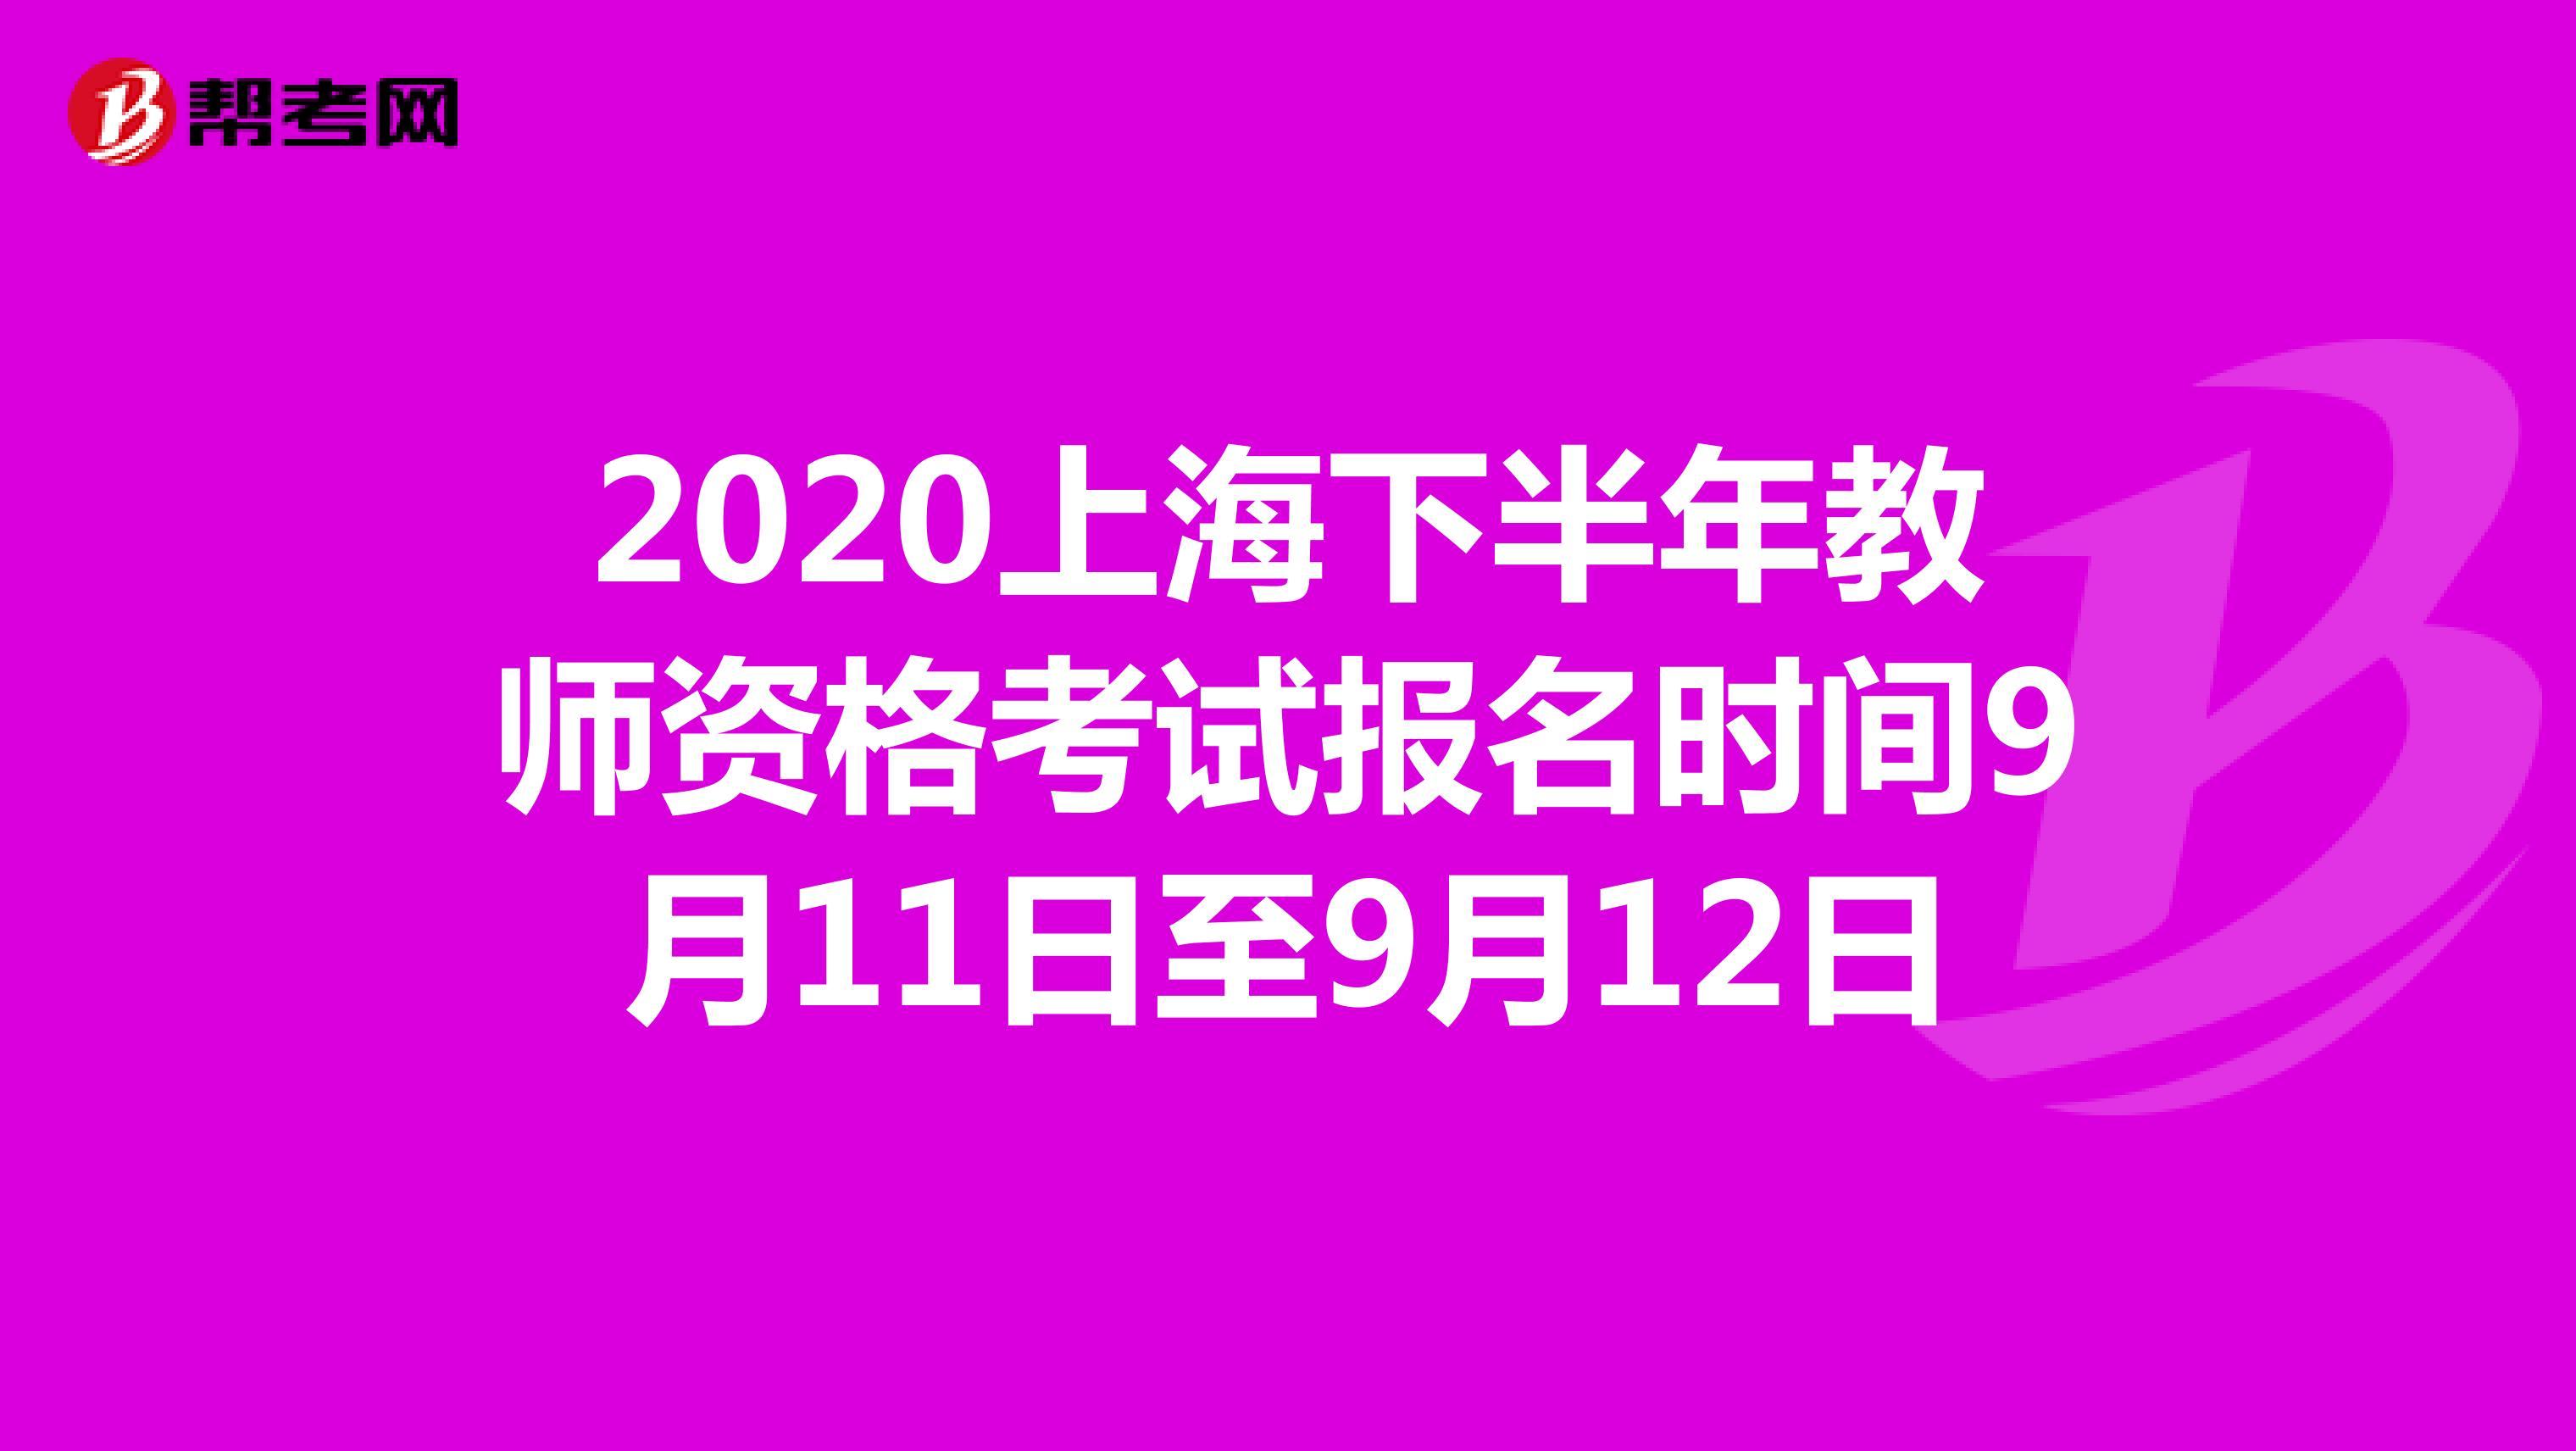 2020上海下半年教师资格考试报名时间9月11日至9月12日